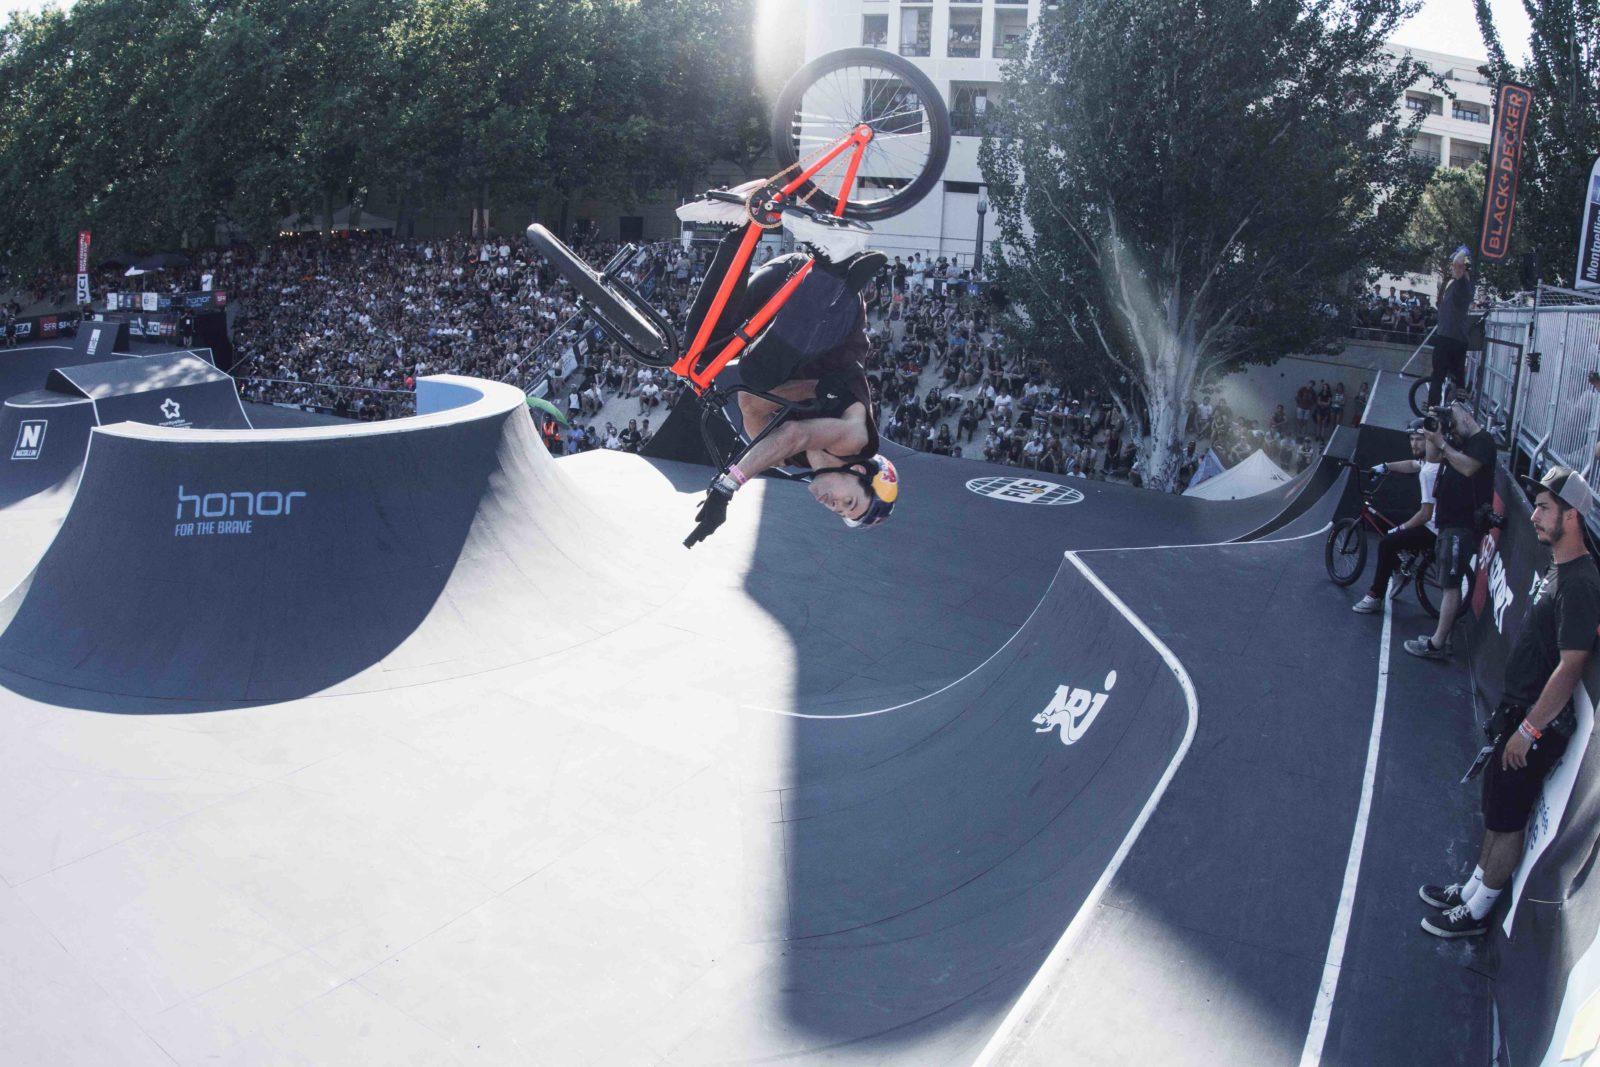 FISEMontpellier2017BMXFreestyleParkMen - Bmx, skate, wake... : rendez-vous au Fise pour supporter les meilleurs riders internationaux